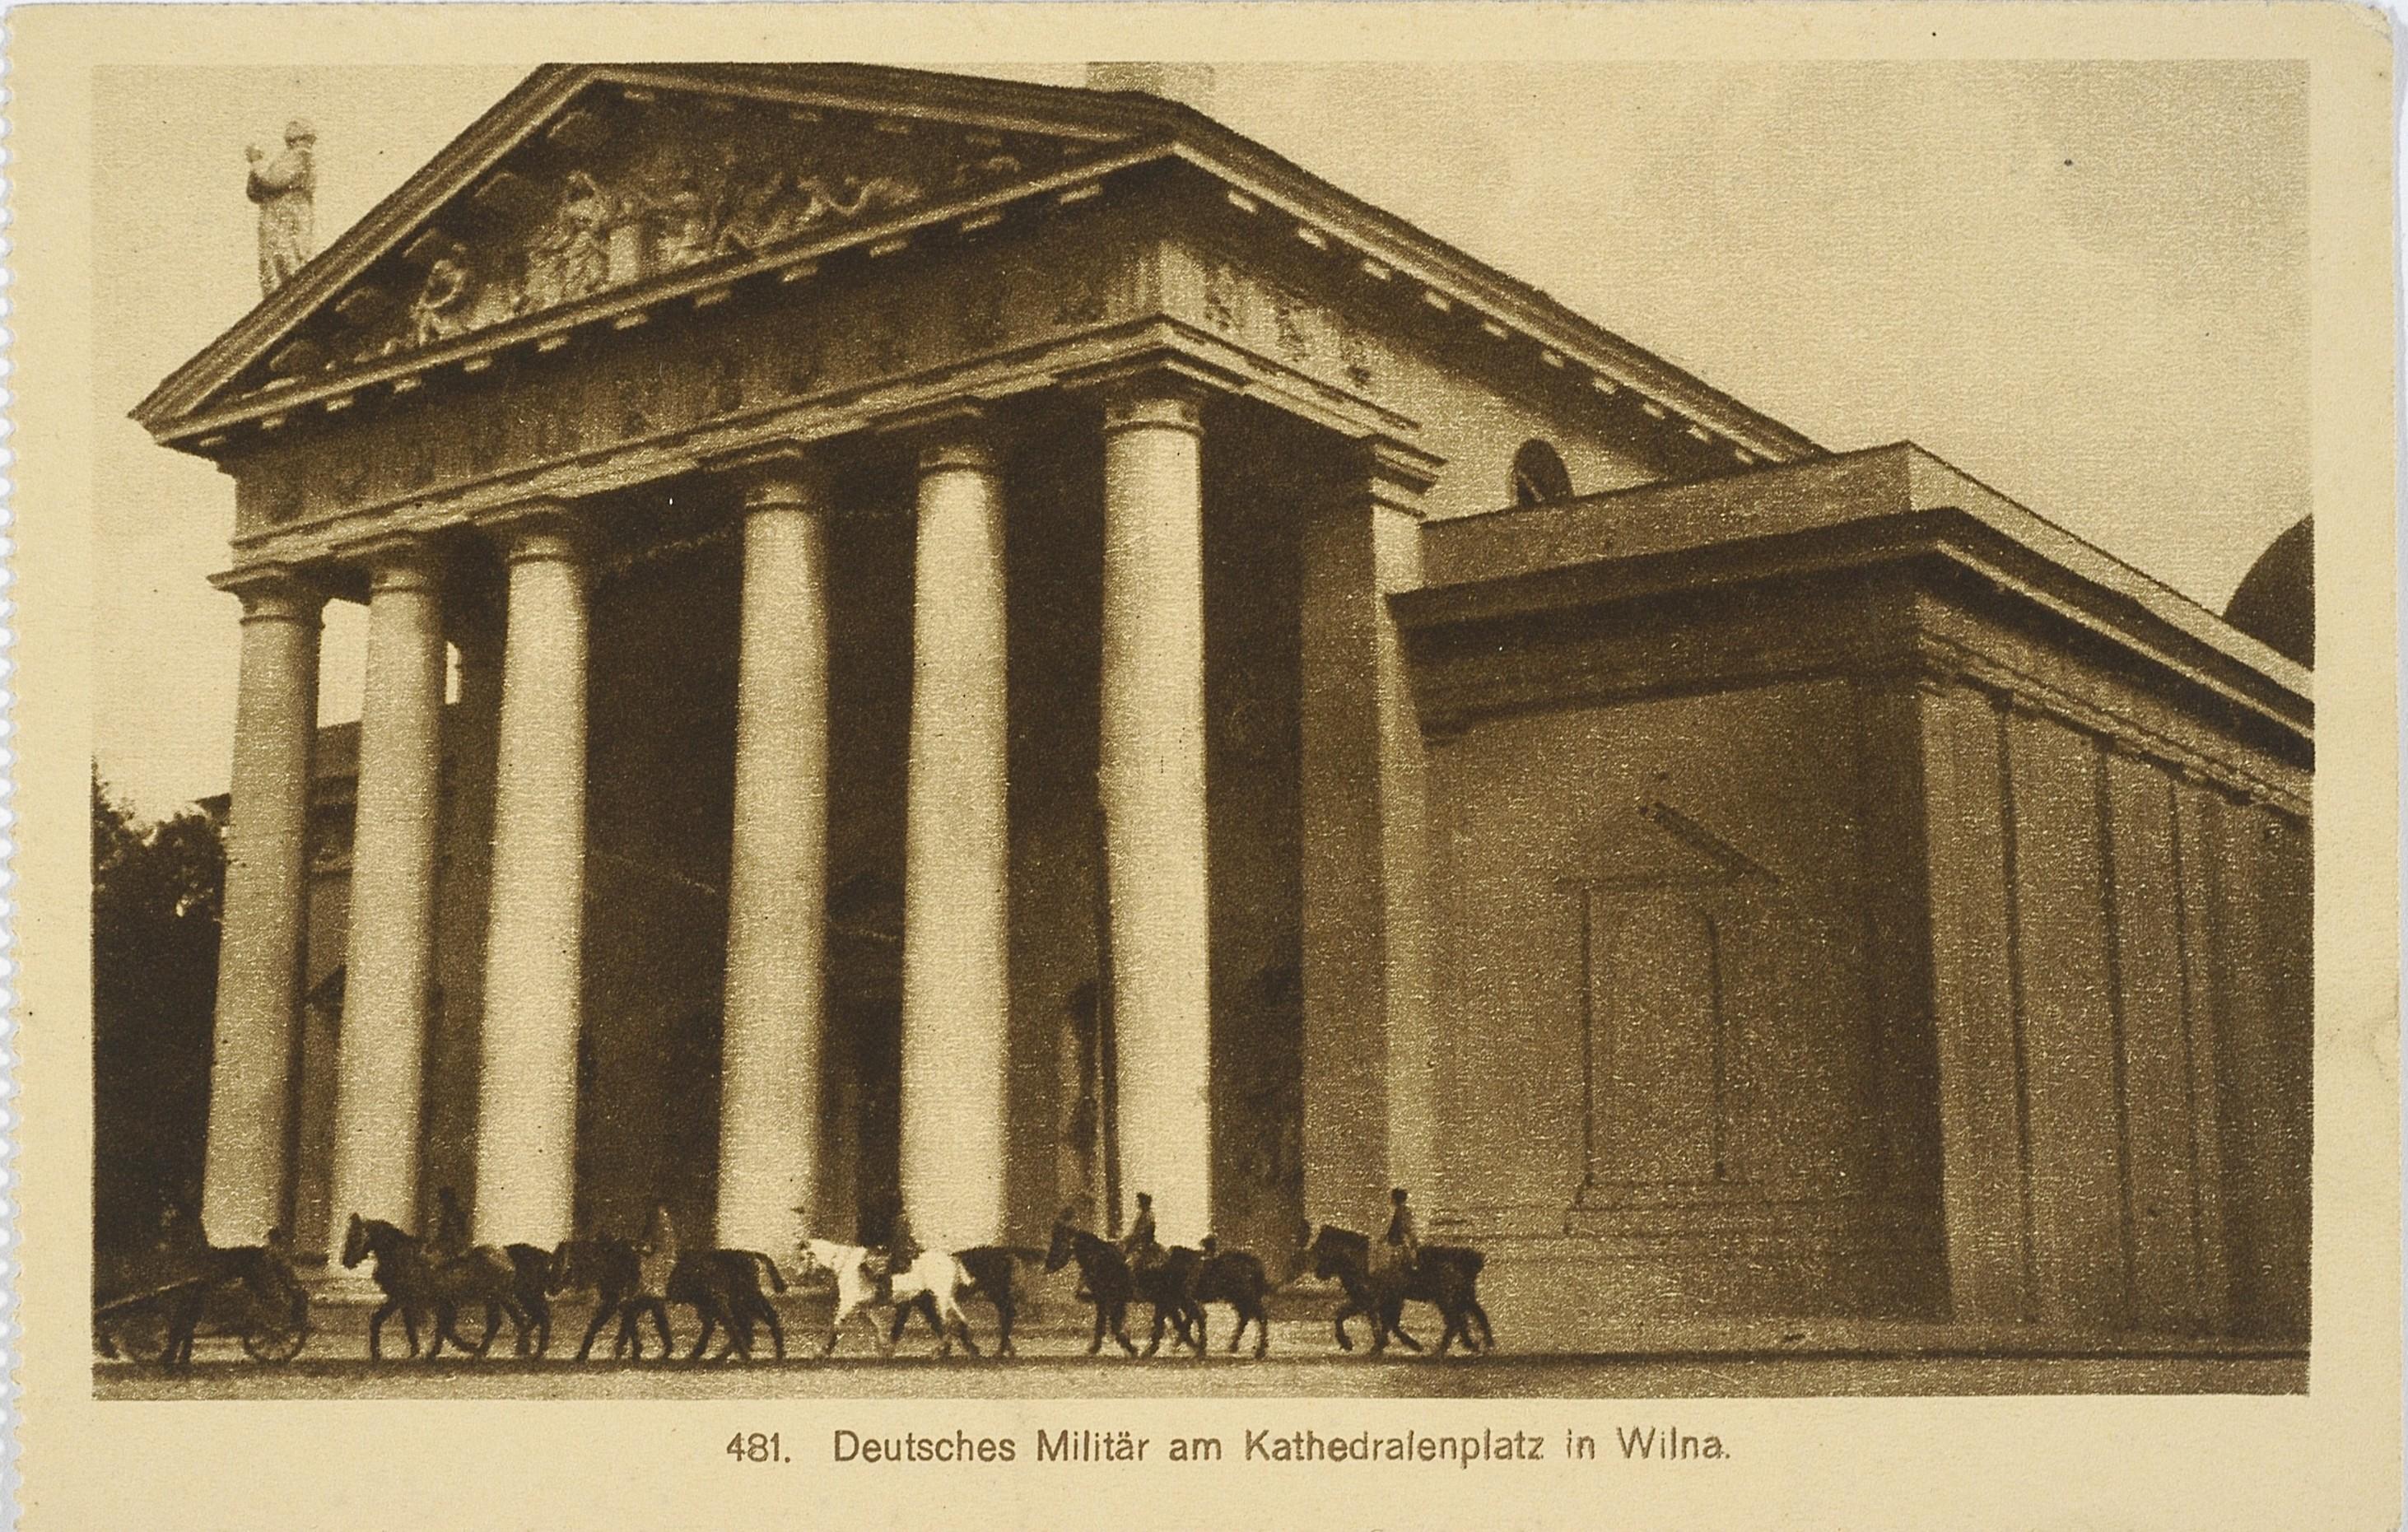 Соборная площадь с немецкими солдатами